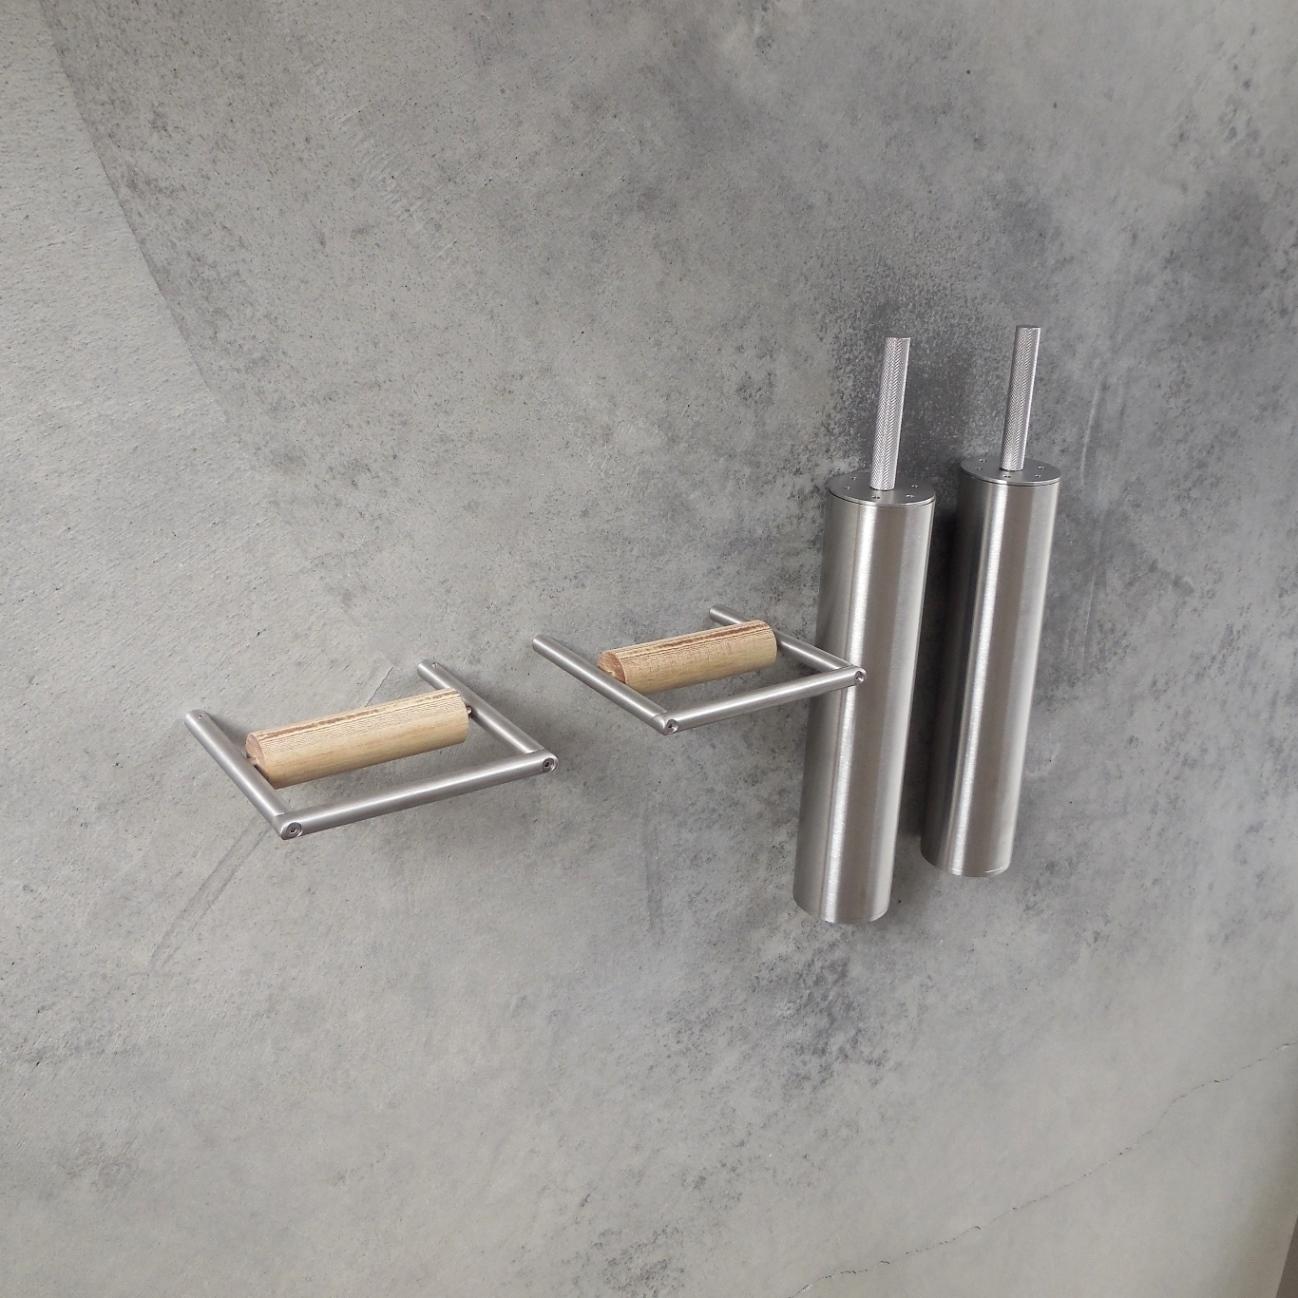 Ispirazioni design terrazza for Arredo bagno minimal chic